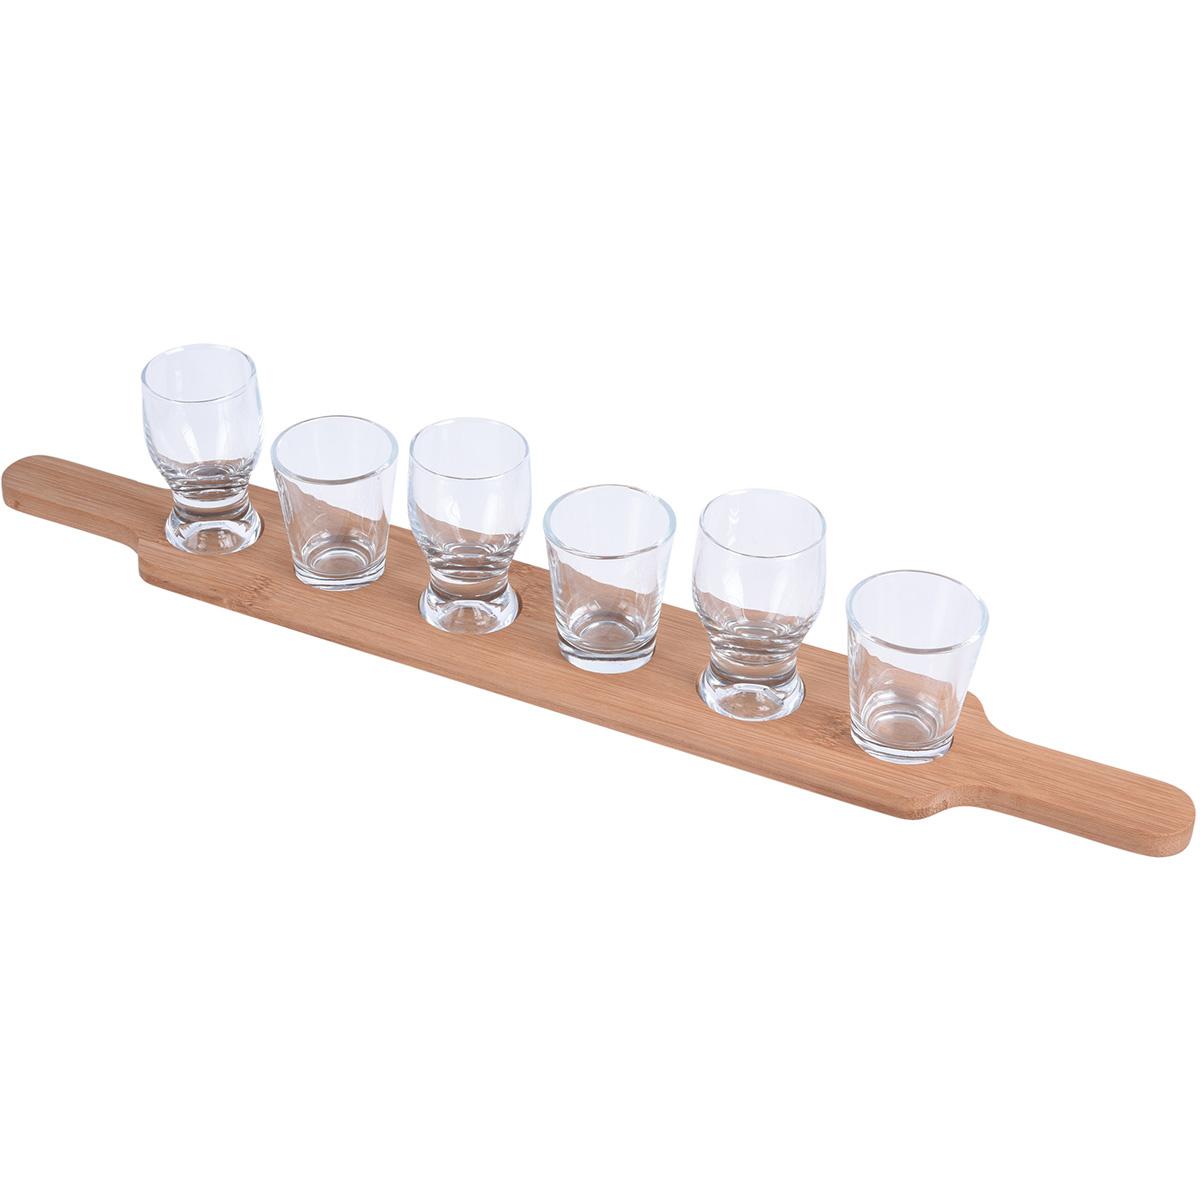 Sada pohárikov a dreveného podnosu, 7 ks